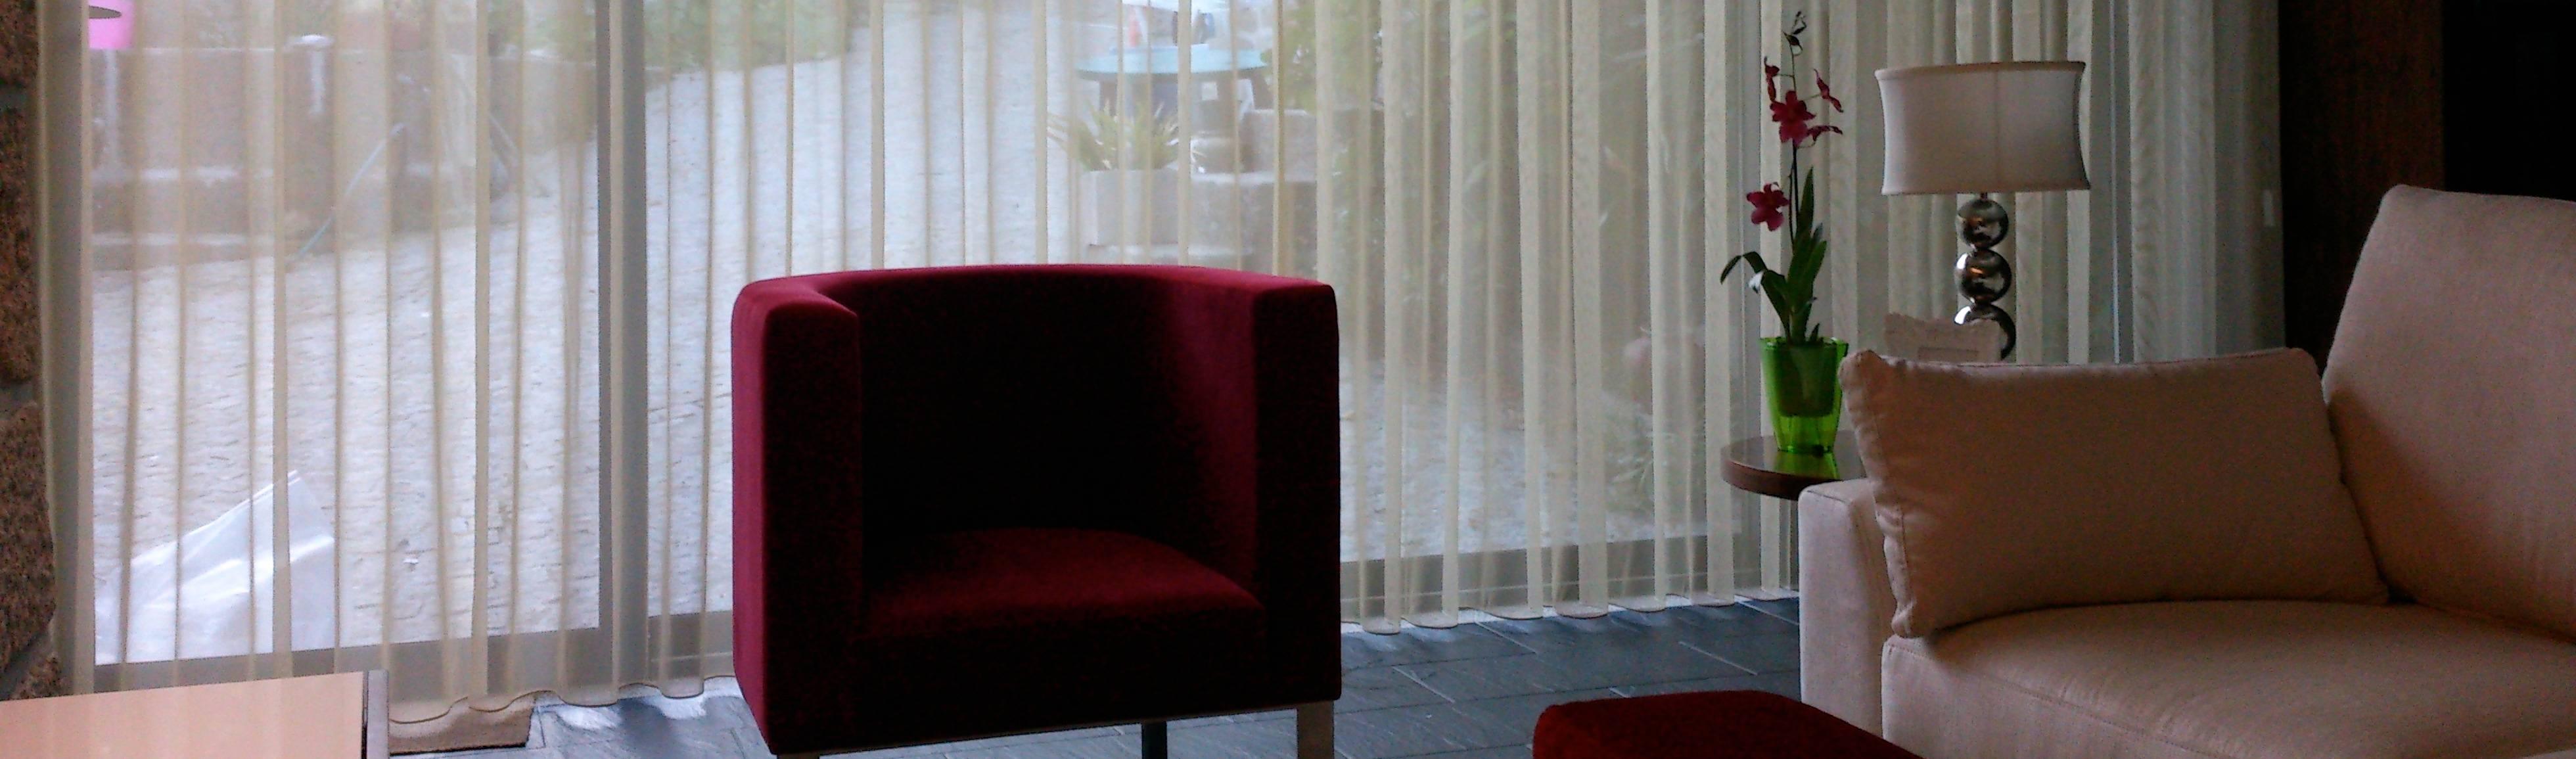 Atelier Ana Pereira Arquitetura e Decoração de Interiores